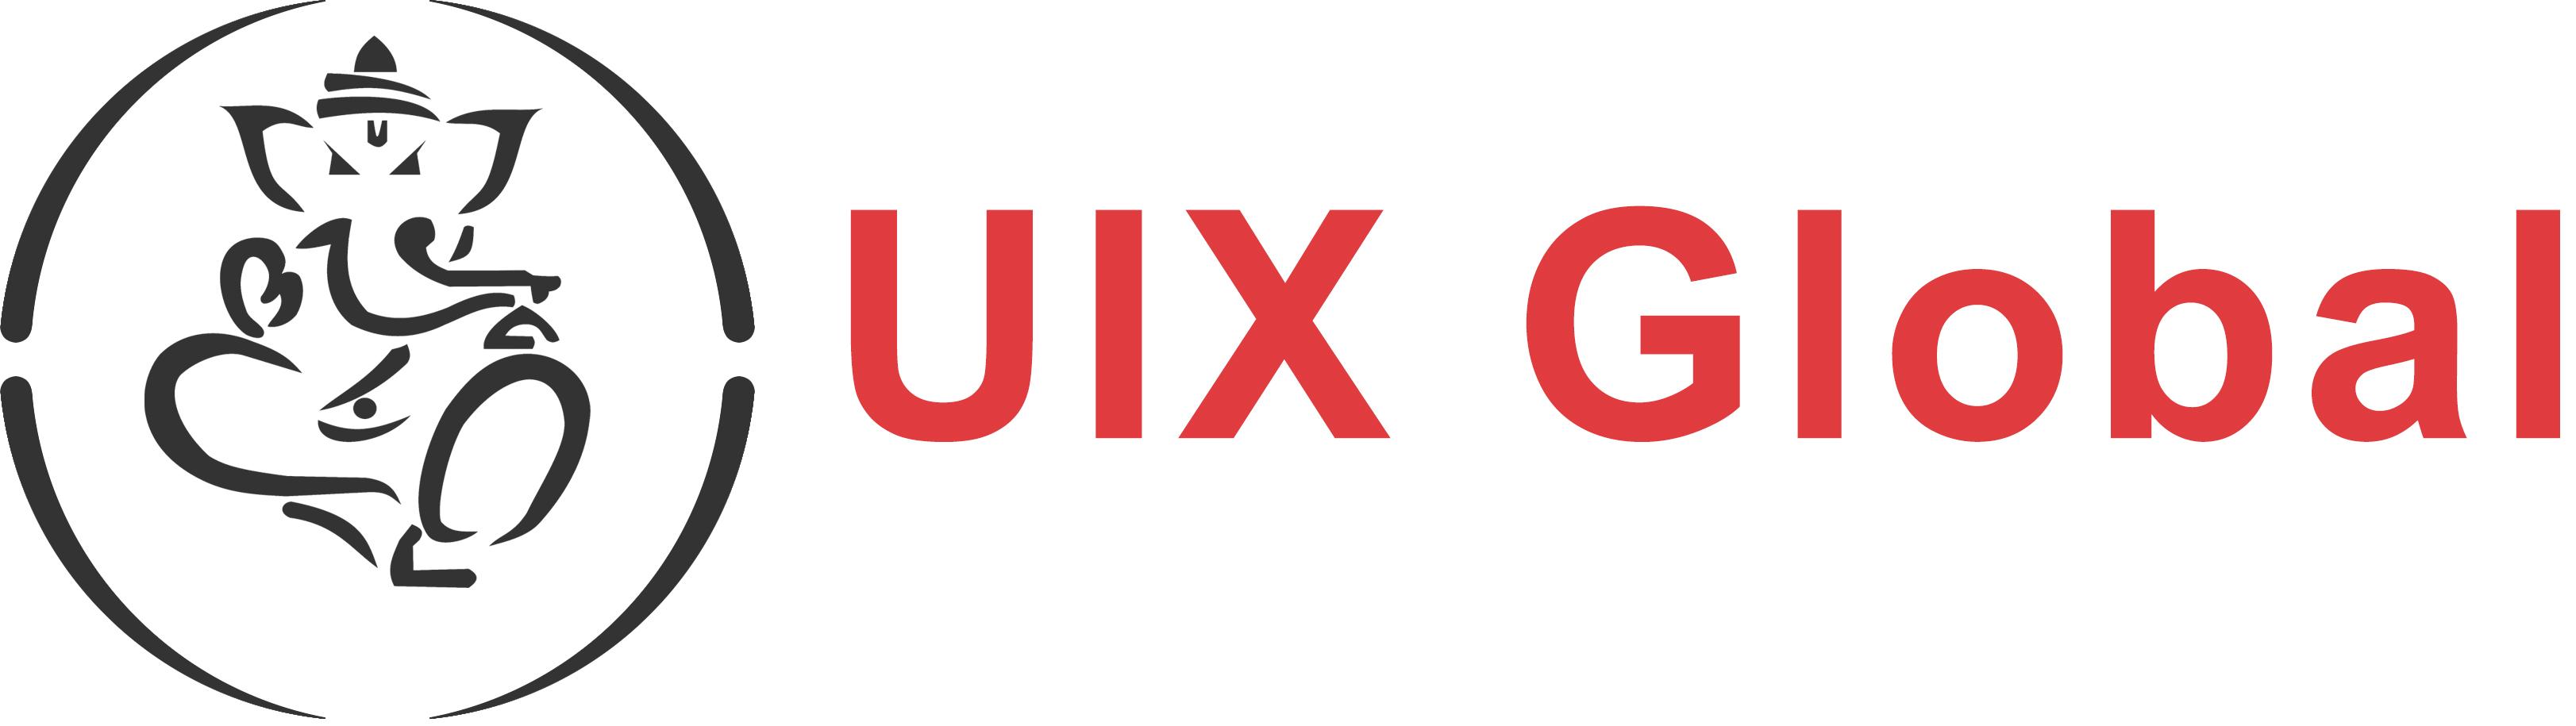 UIX Global